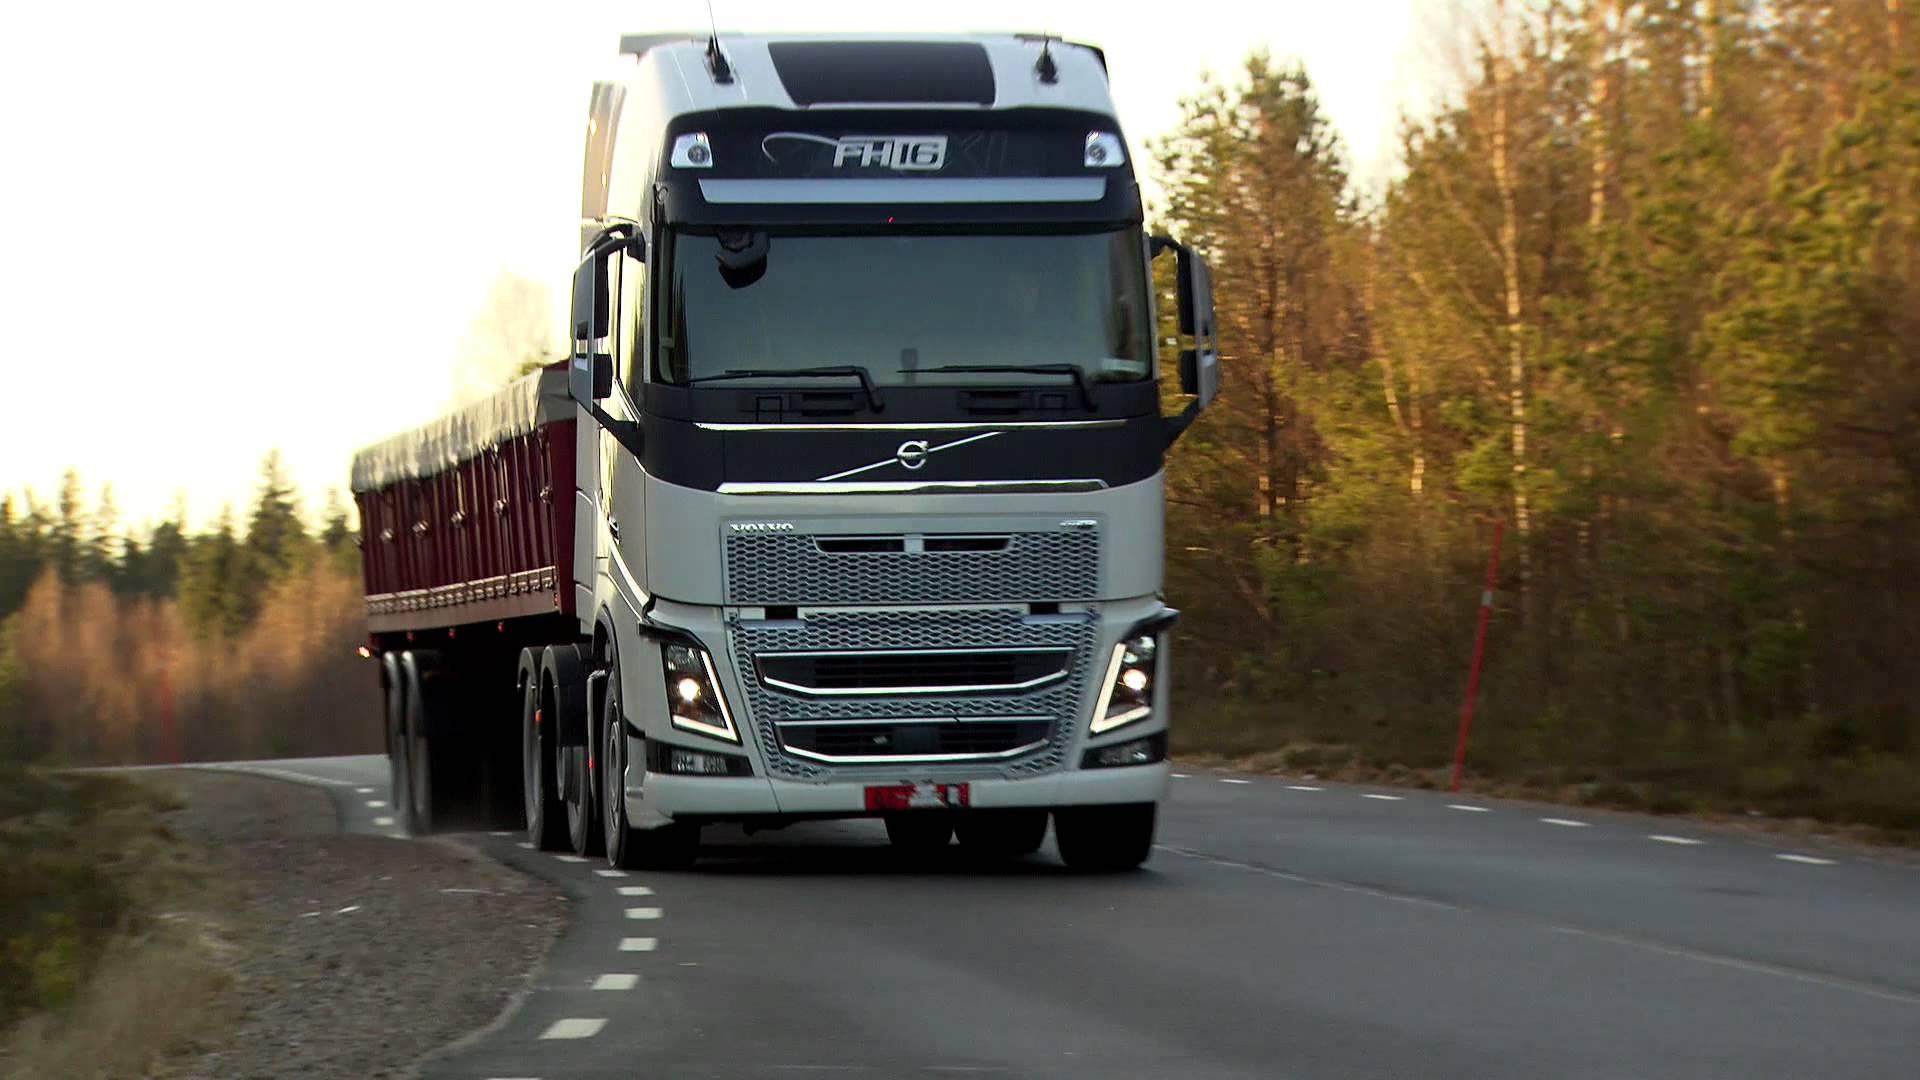 Международные автоперевозки грузов Украина, Россия, Польша, СНГ, Восточная и Западная Европа, Балтия, Скандинавия, Балканы, Азия.